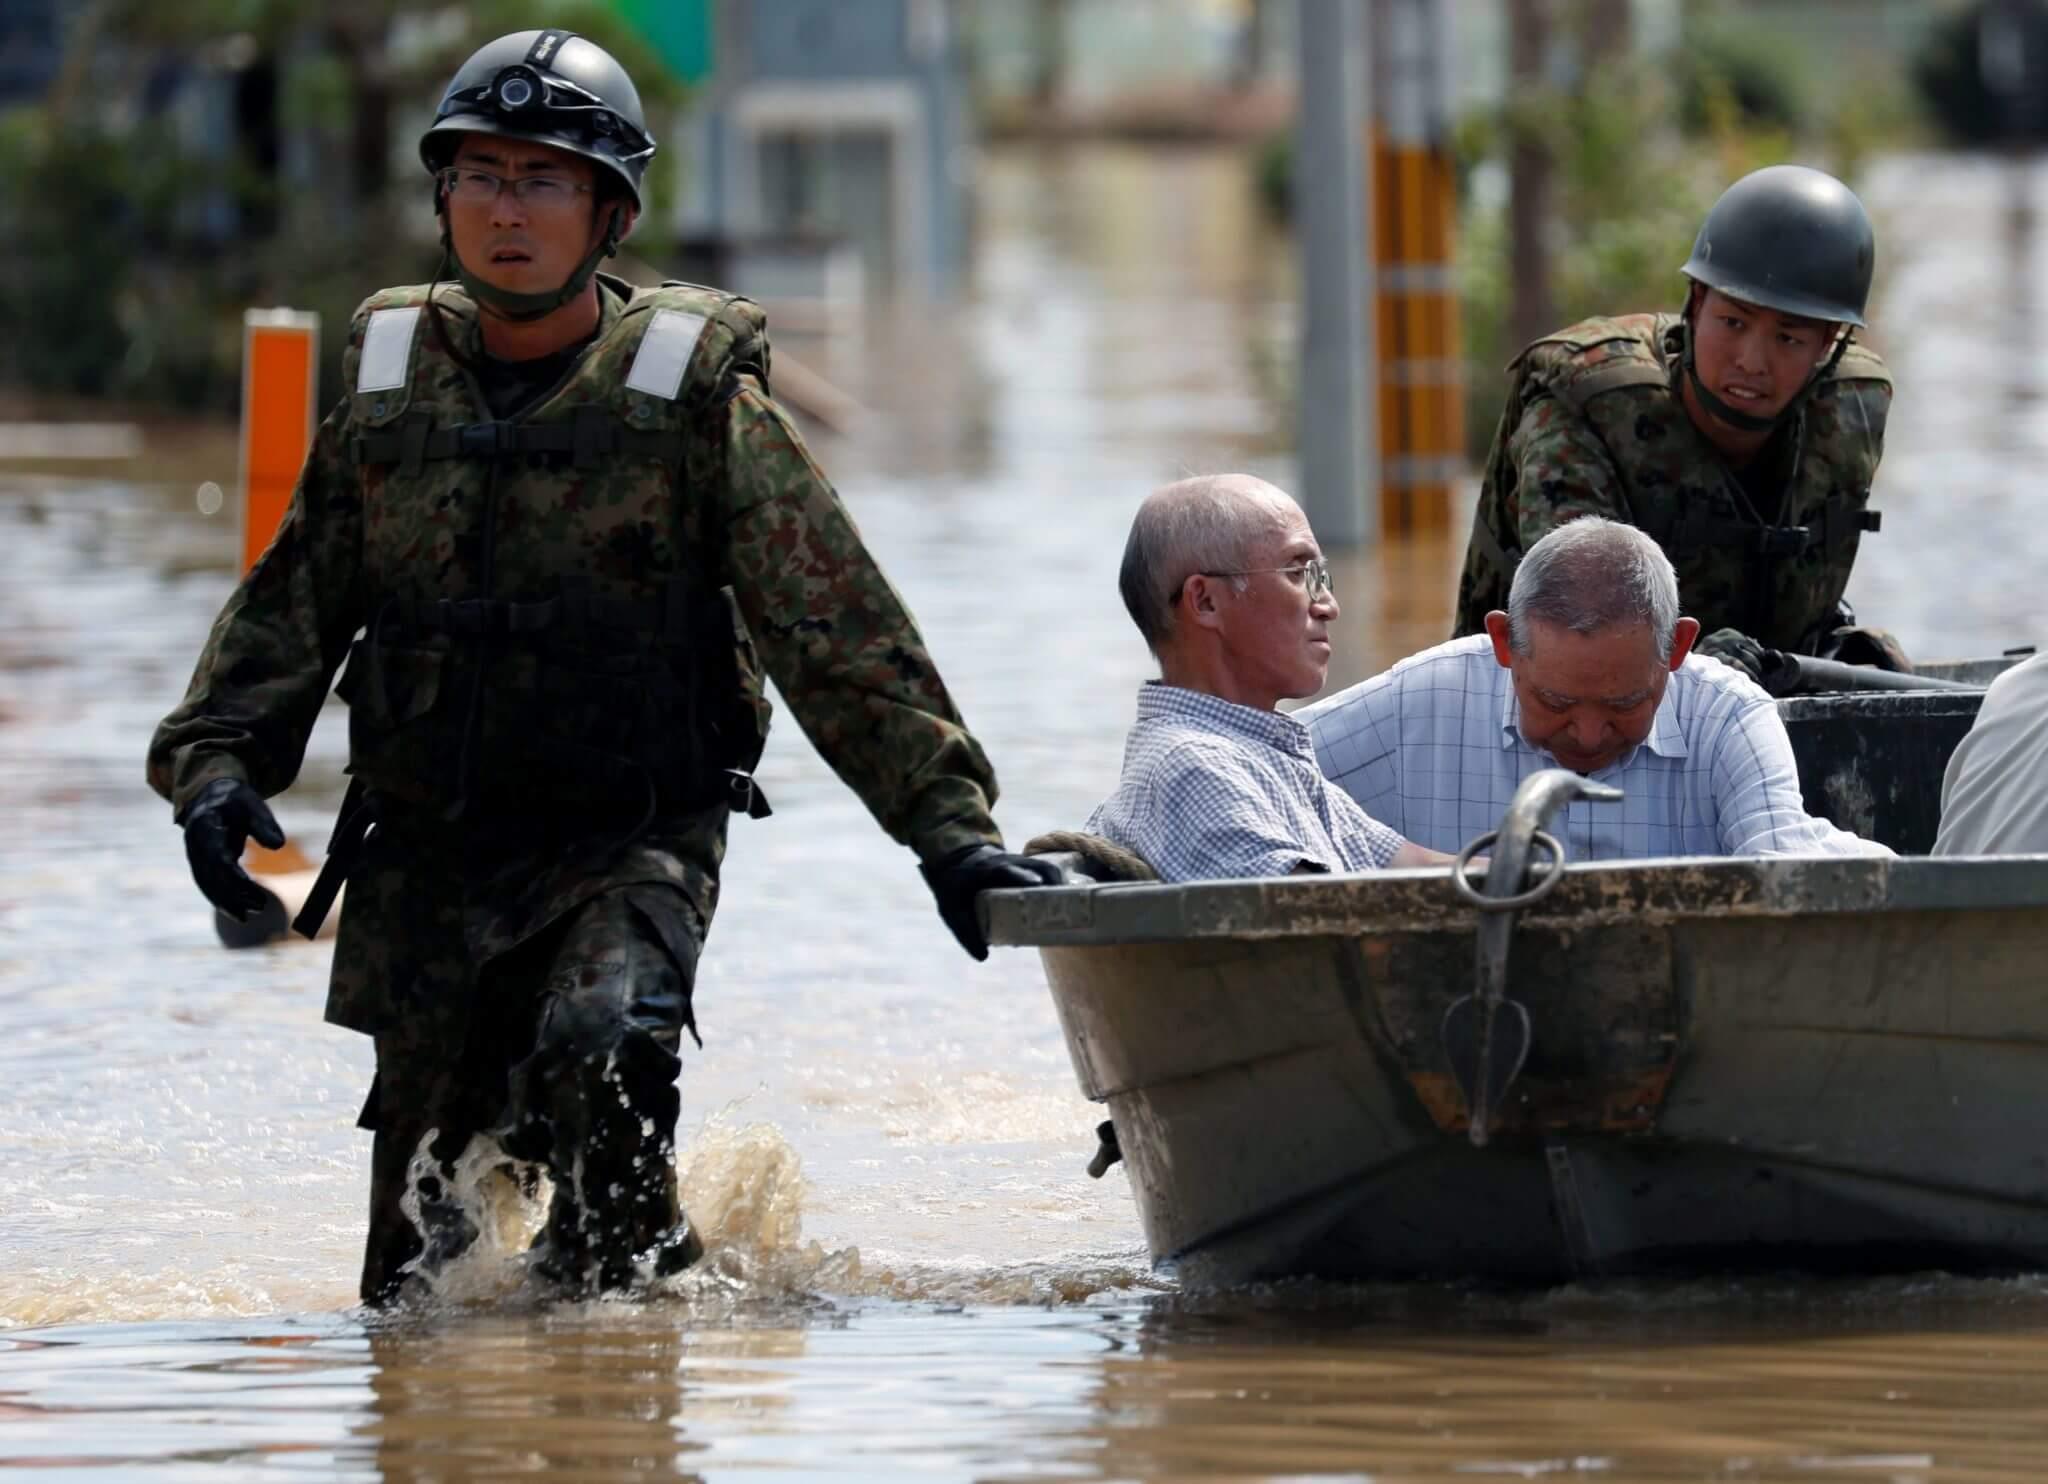 Soldados de la Fuerza de Autodefensa de Japón rescatan a personas de una zona inundada en la ciudad de Mabi en Kurashiki, Prefectura de Okayama, el 8 de julio. Fotografía: Reuters/ Issei Kato